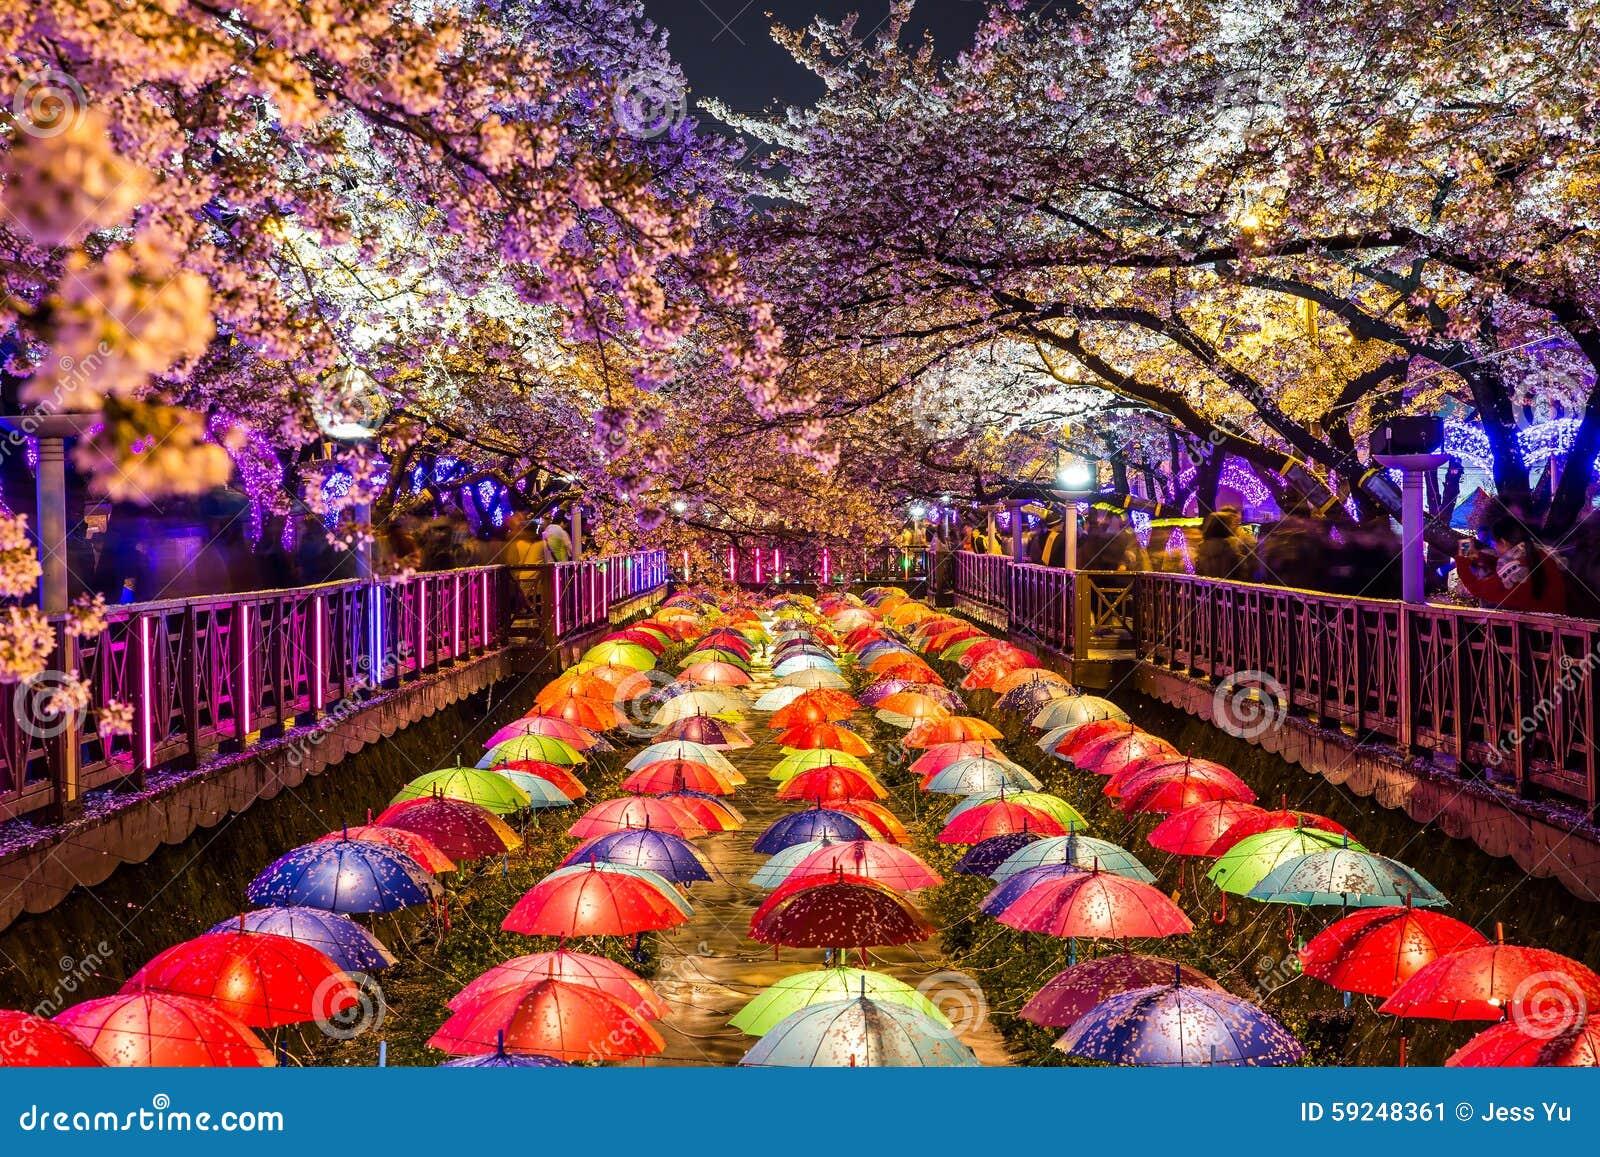 fleurs de cerisier la nuit busan cor e du sud image stock image du fleur soir e 59248361. Black Bedroom Furniture Sets. Home Design Ideas